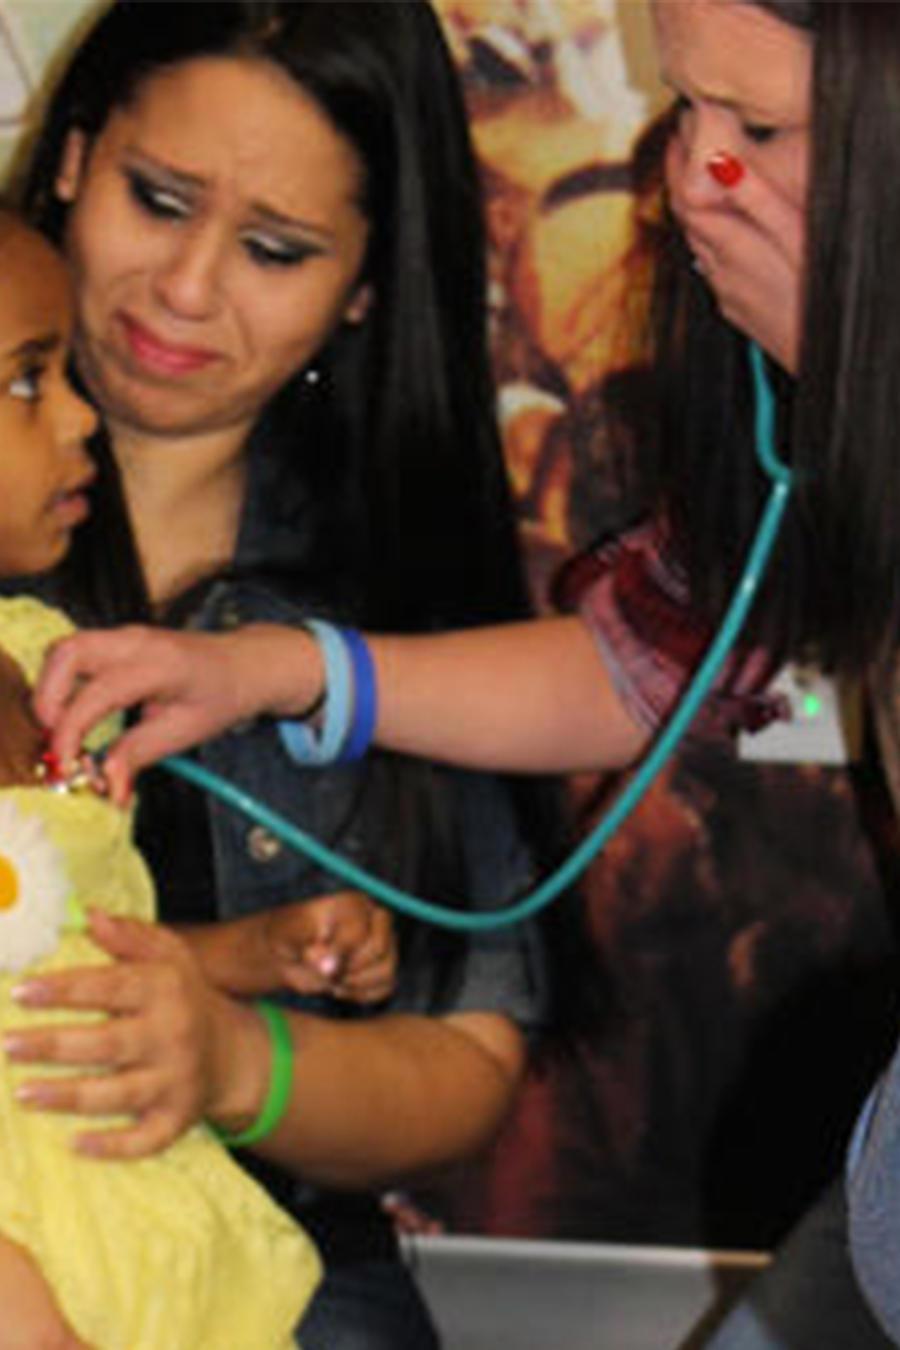 madre y un transplante a una niña